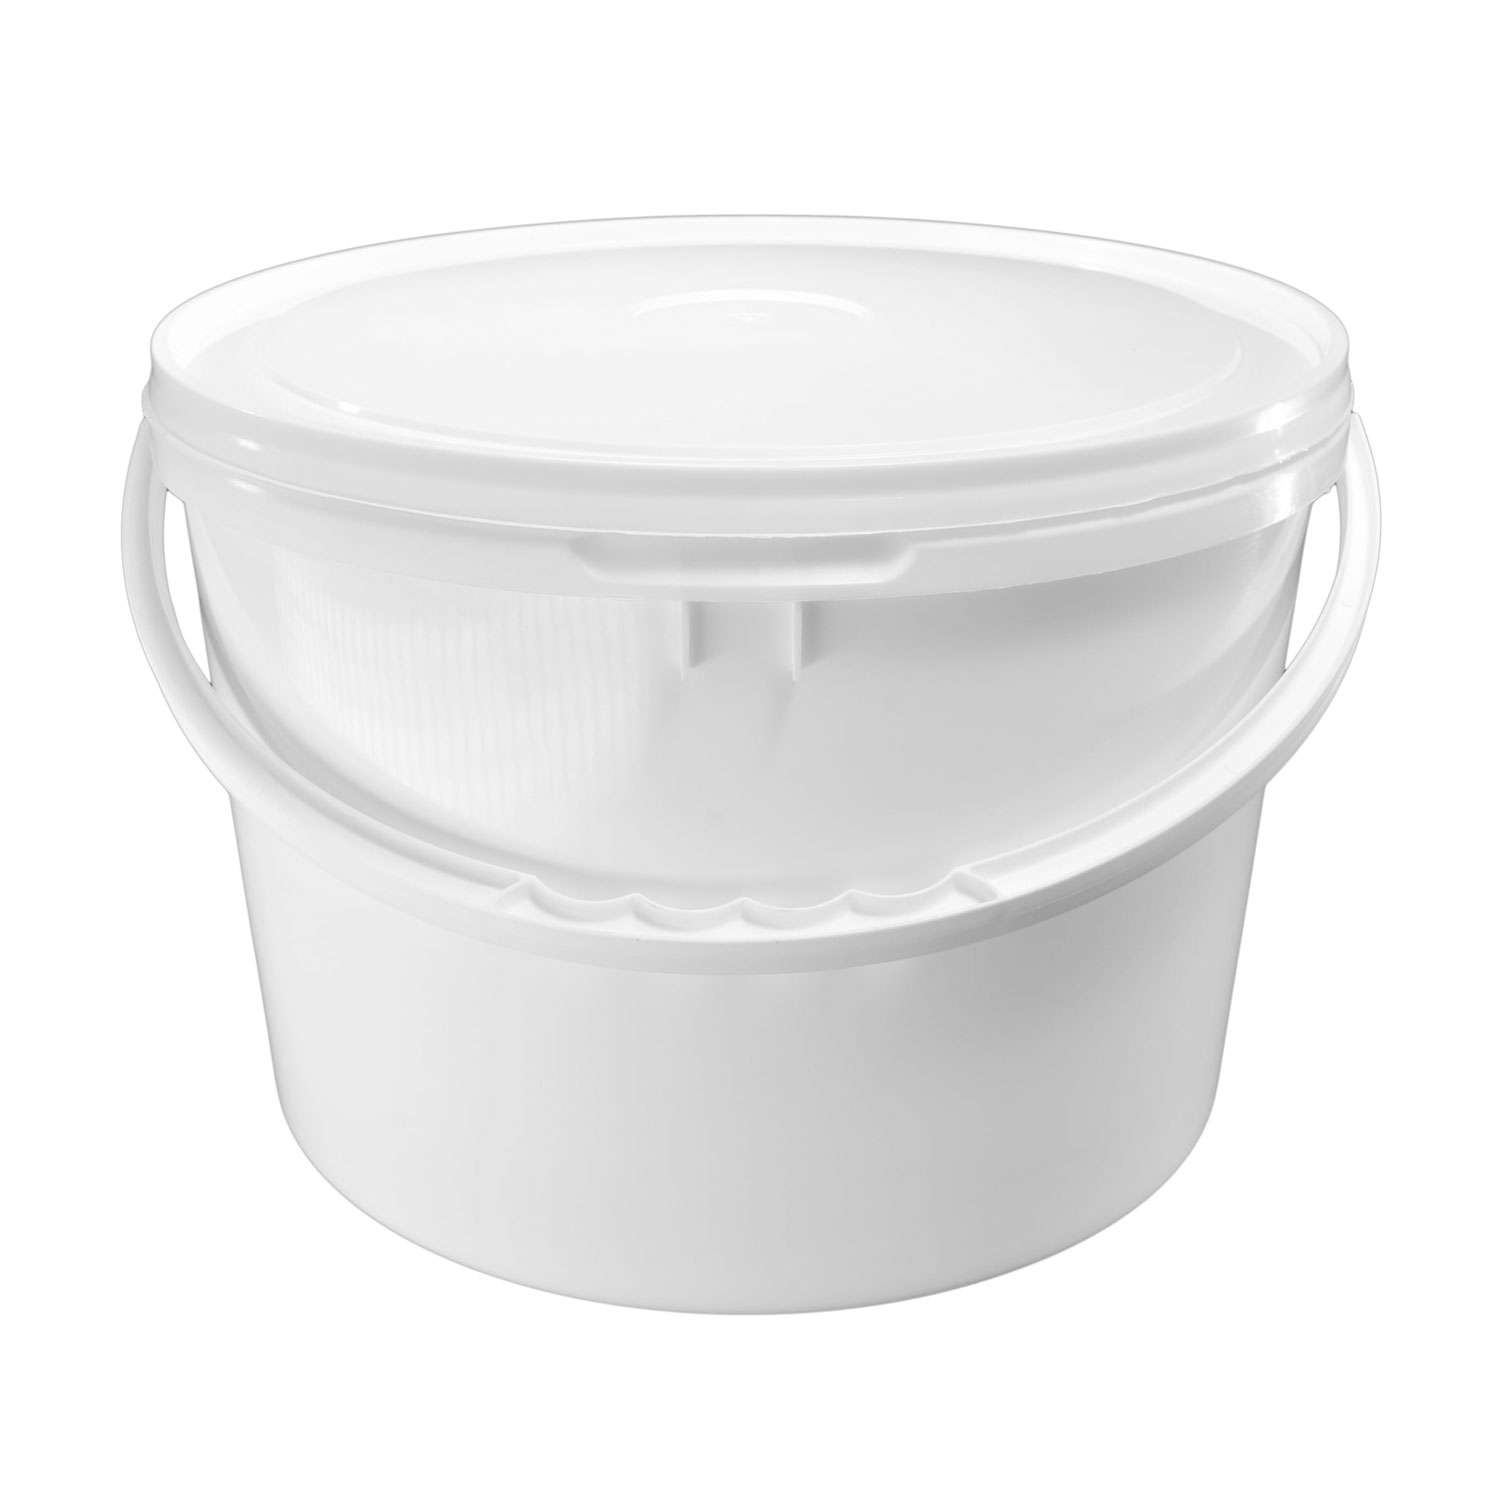 Wiadro białe 10L z pokrywką STALCO